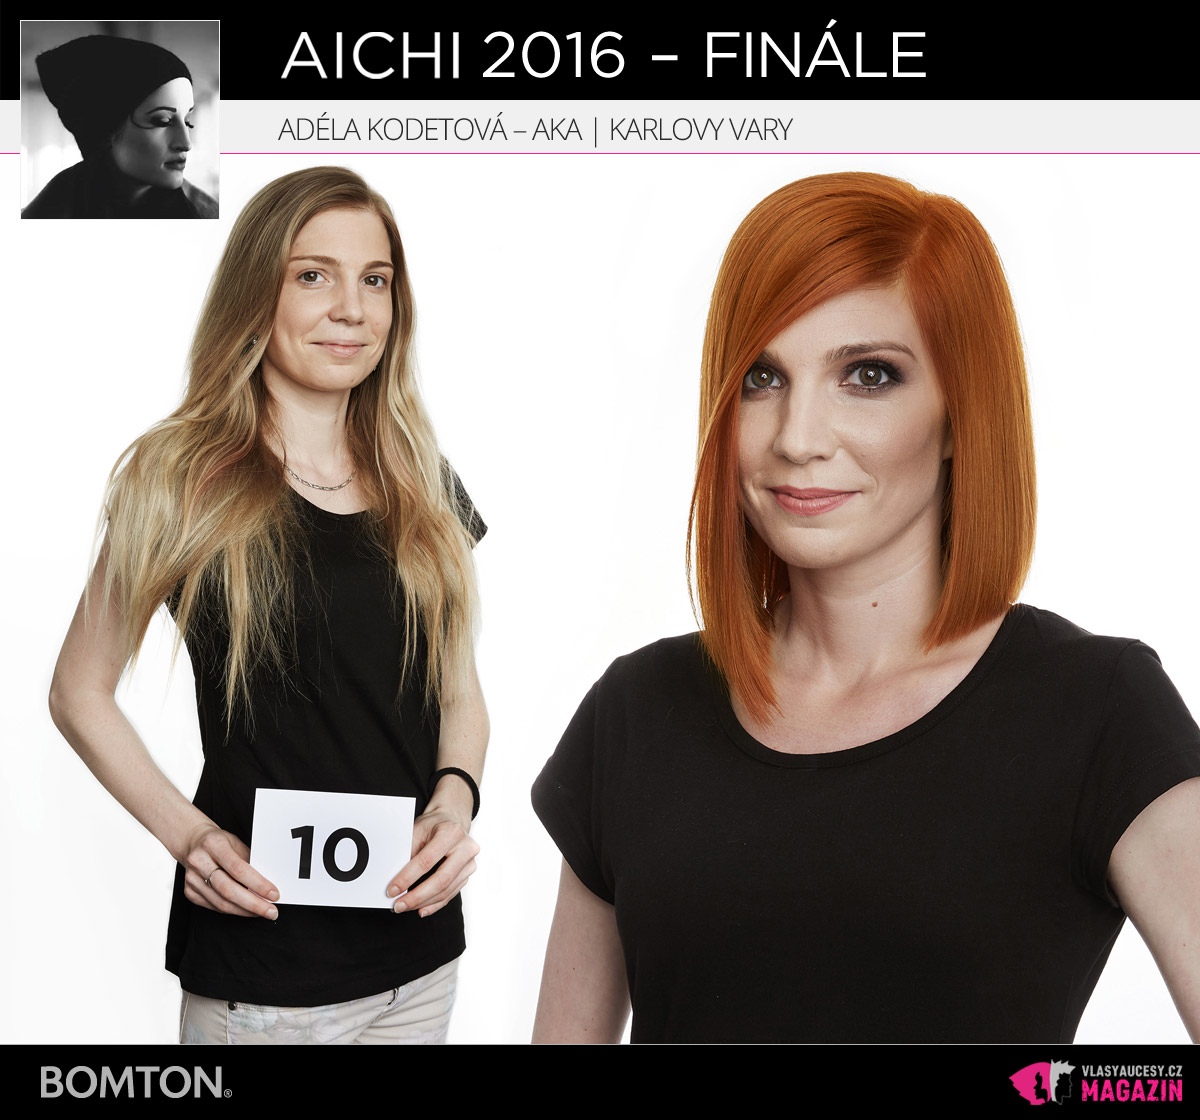 Adéla Kodetová – AKA, Karlovy Vary | Proměny AICHI 2016 – postupující do finálového kola